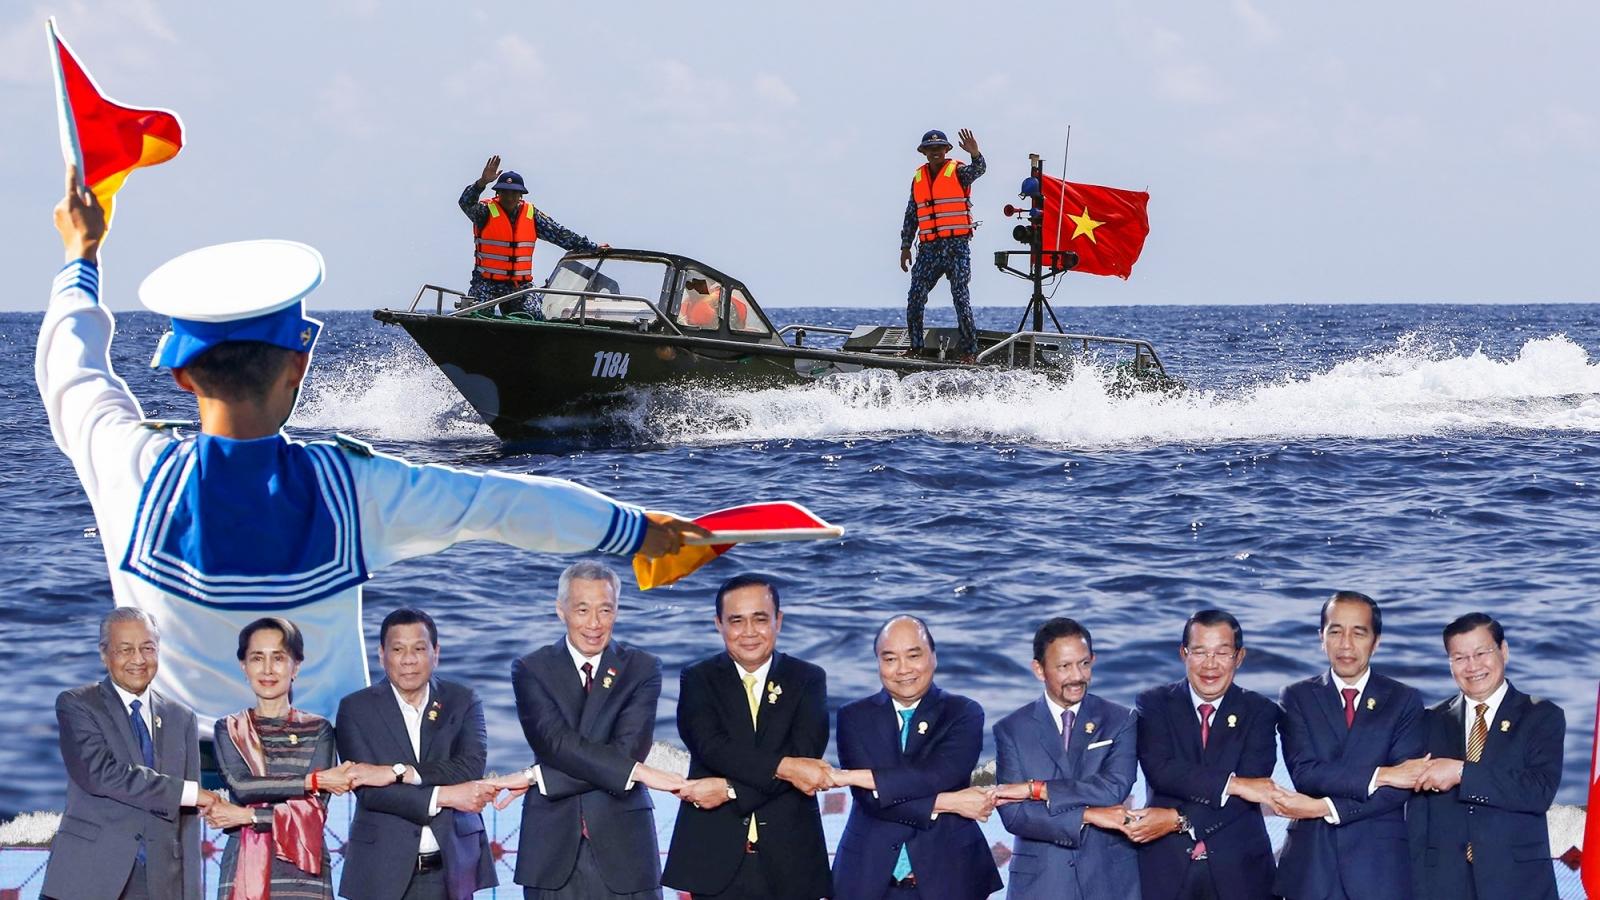 Bài toán chọn bên ở Biển Đông: Việt Nam đứng về phía lợi ích quốc gia - dân tộc